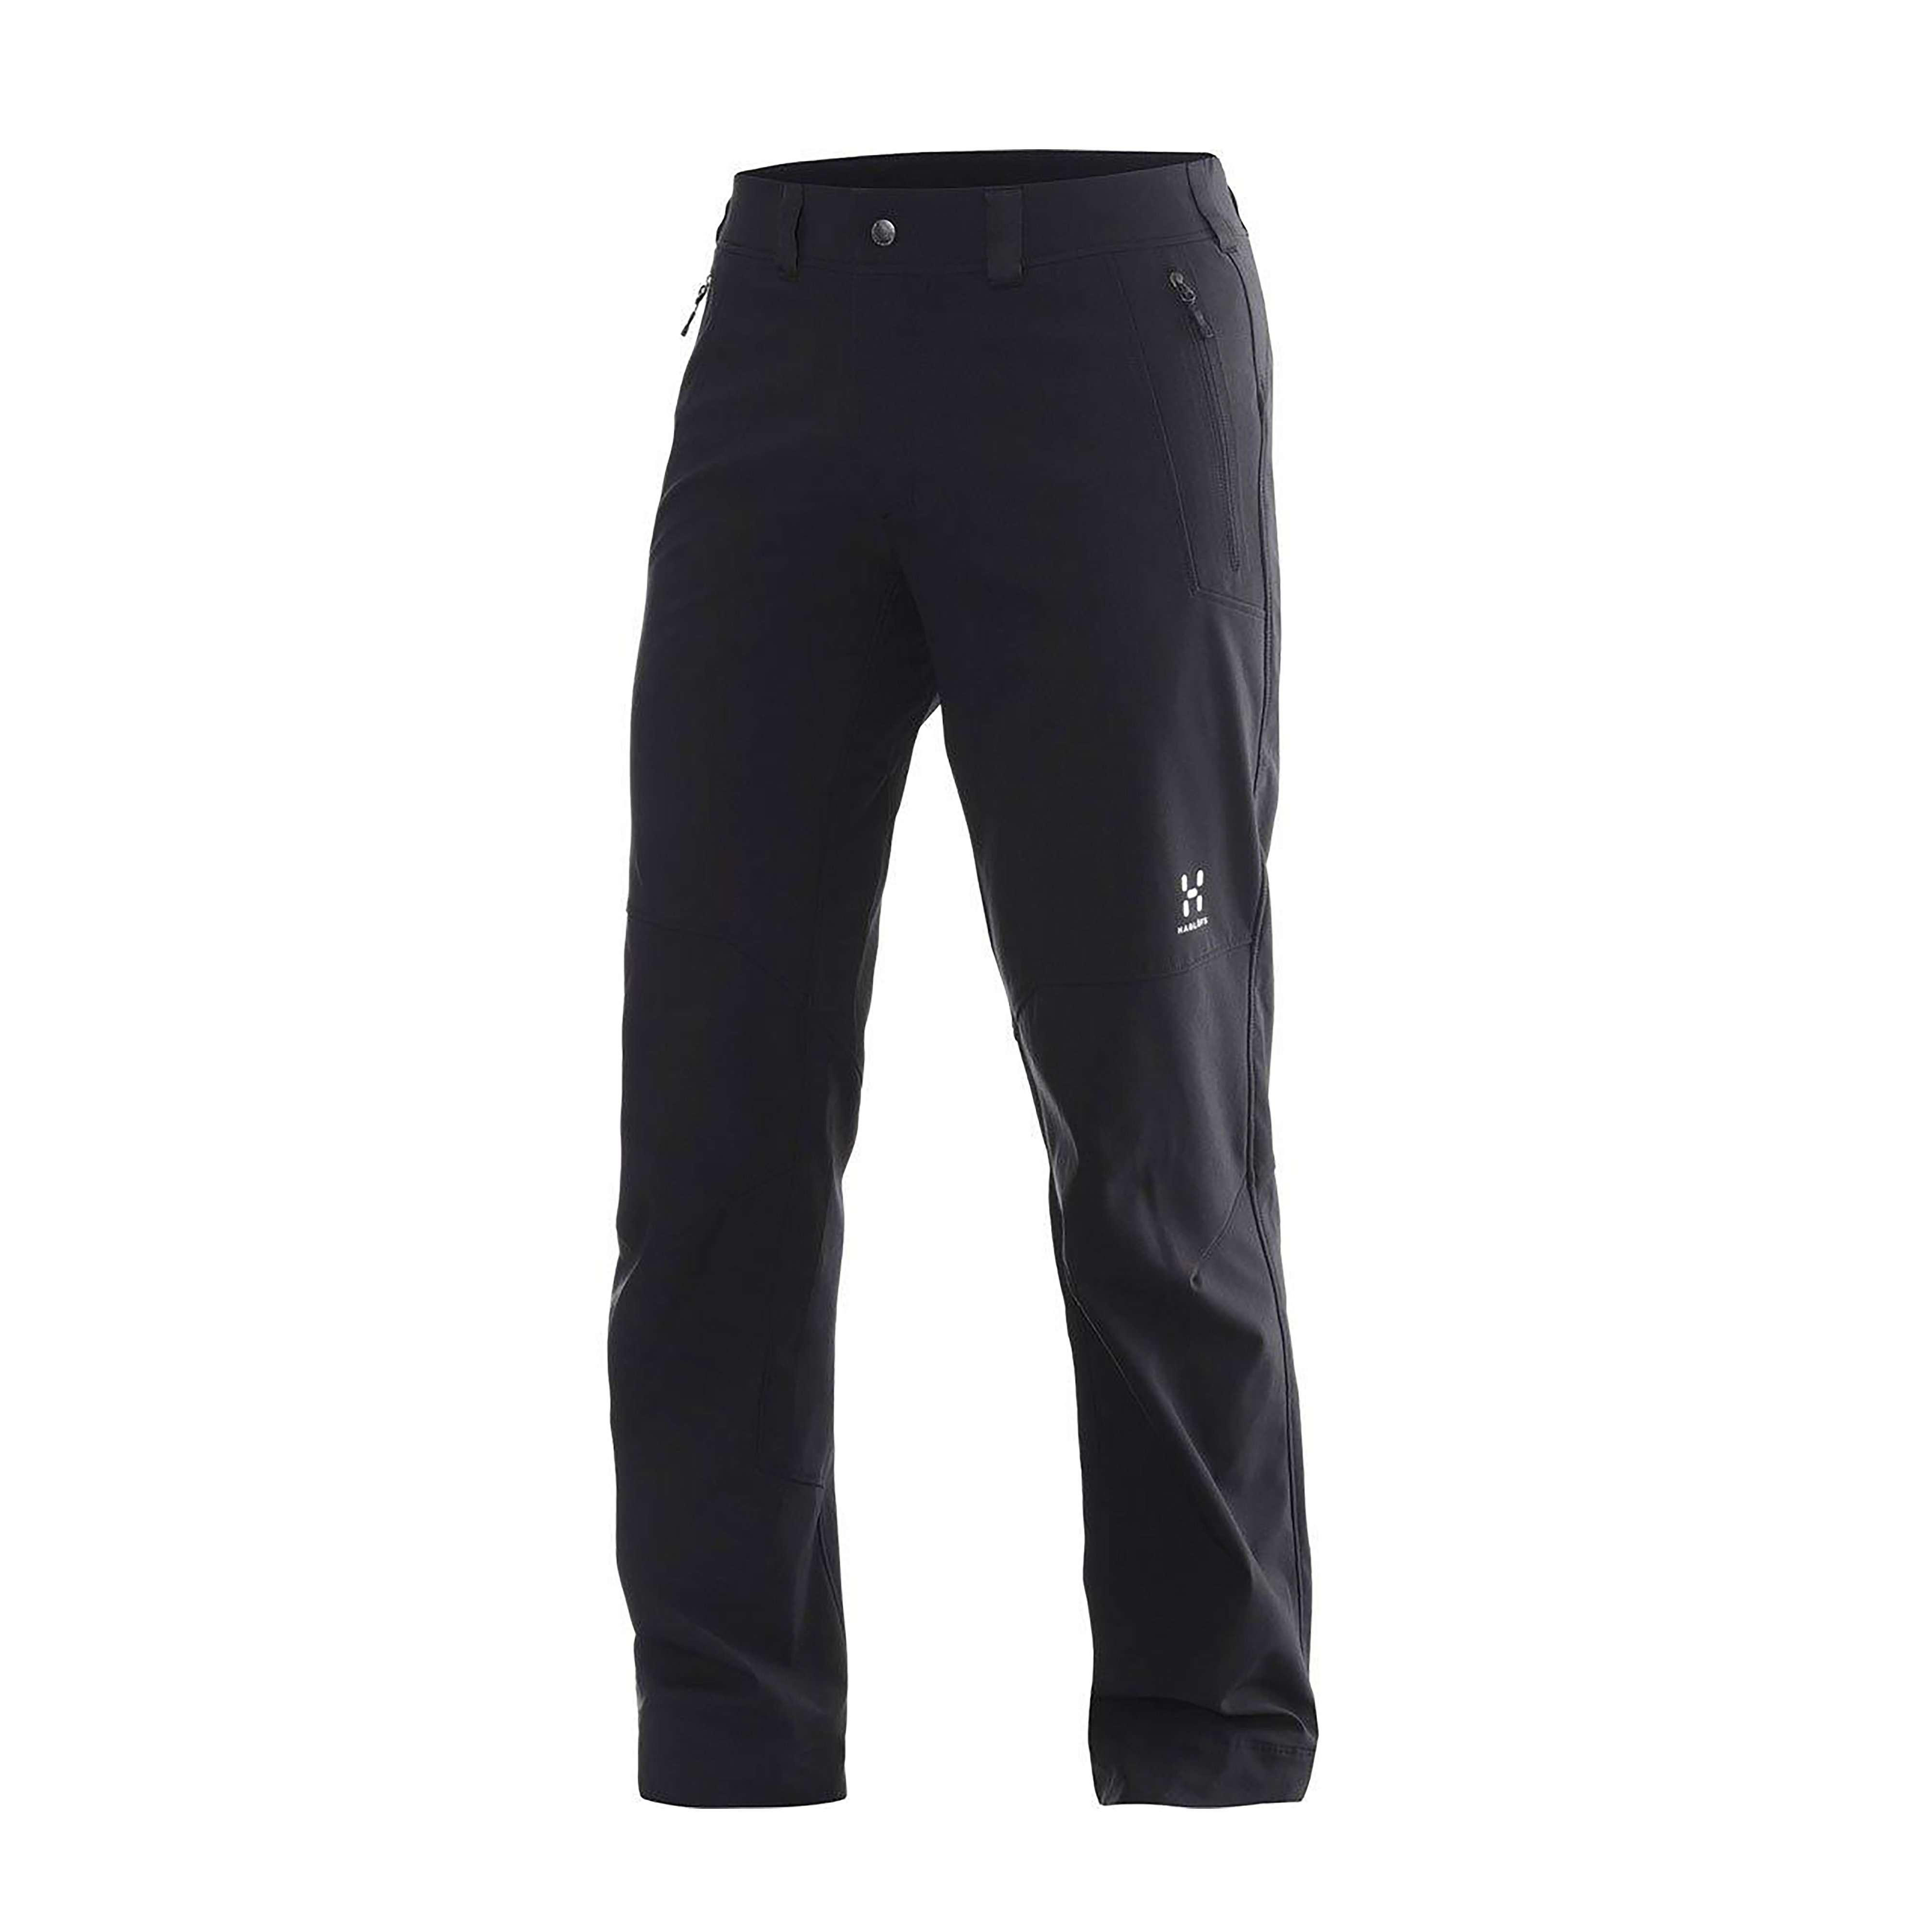 HAGLOFS Men's Col Trekking Pants